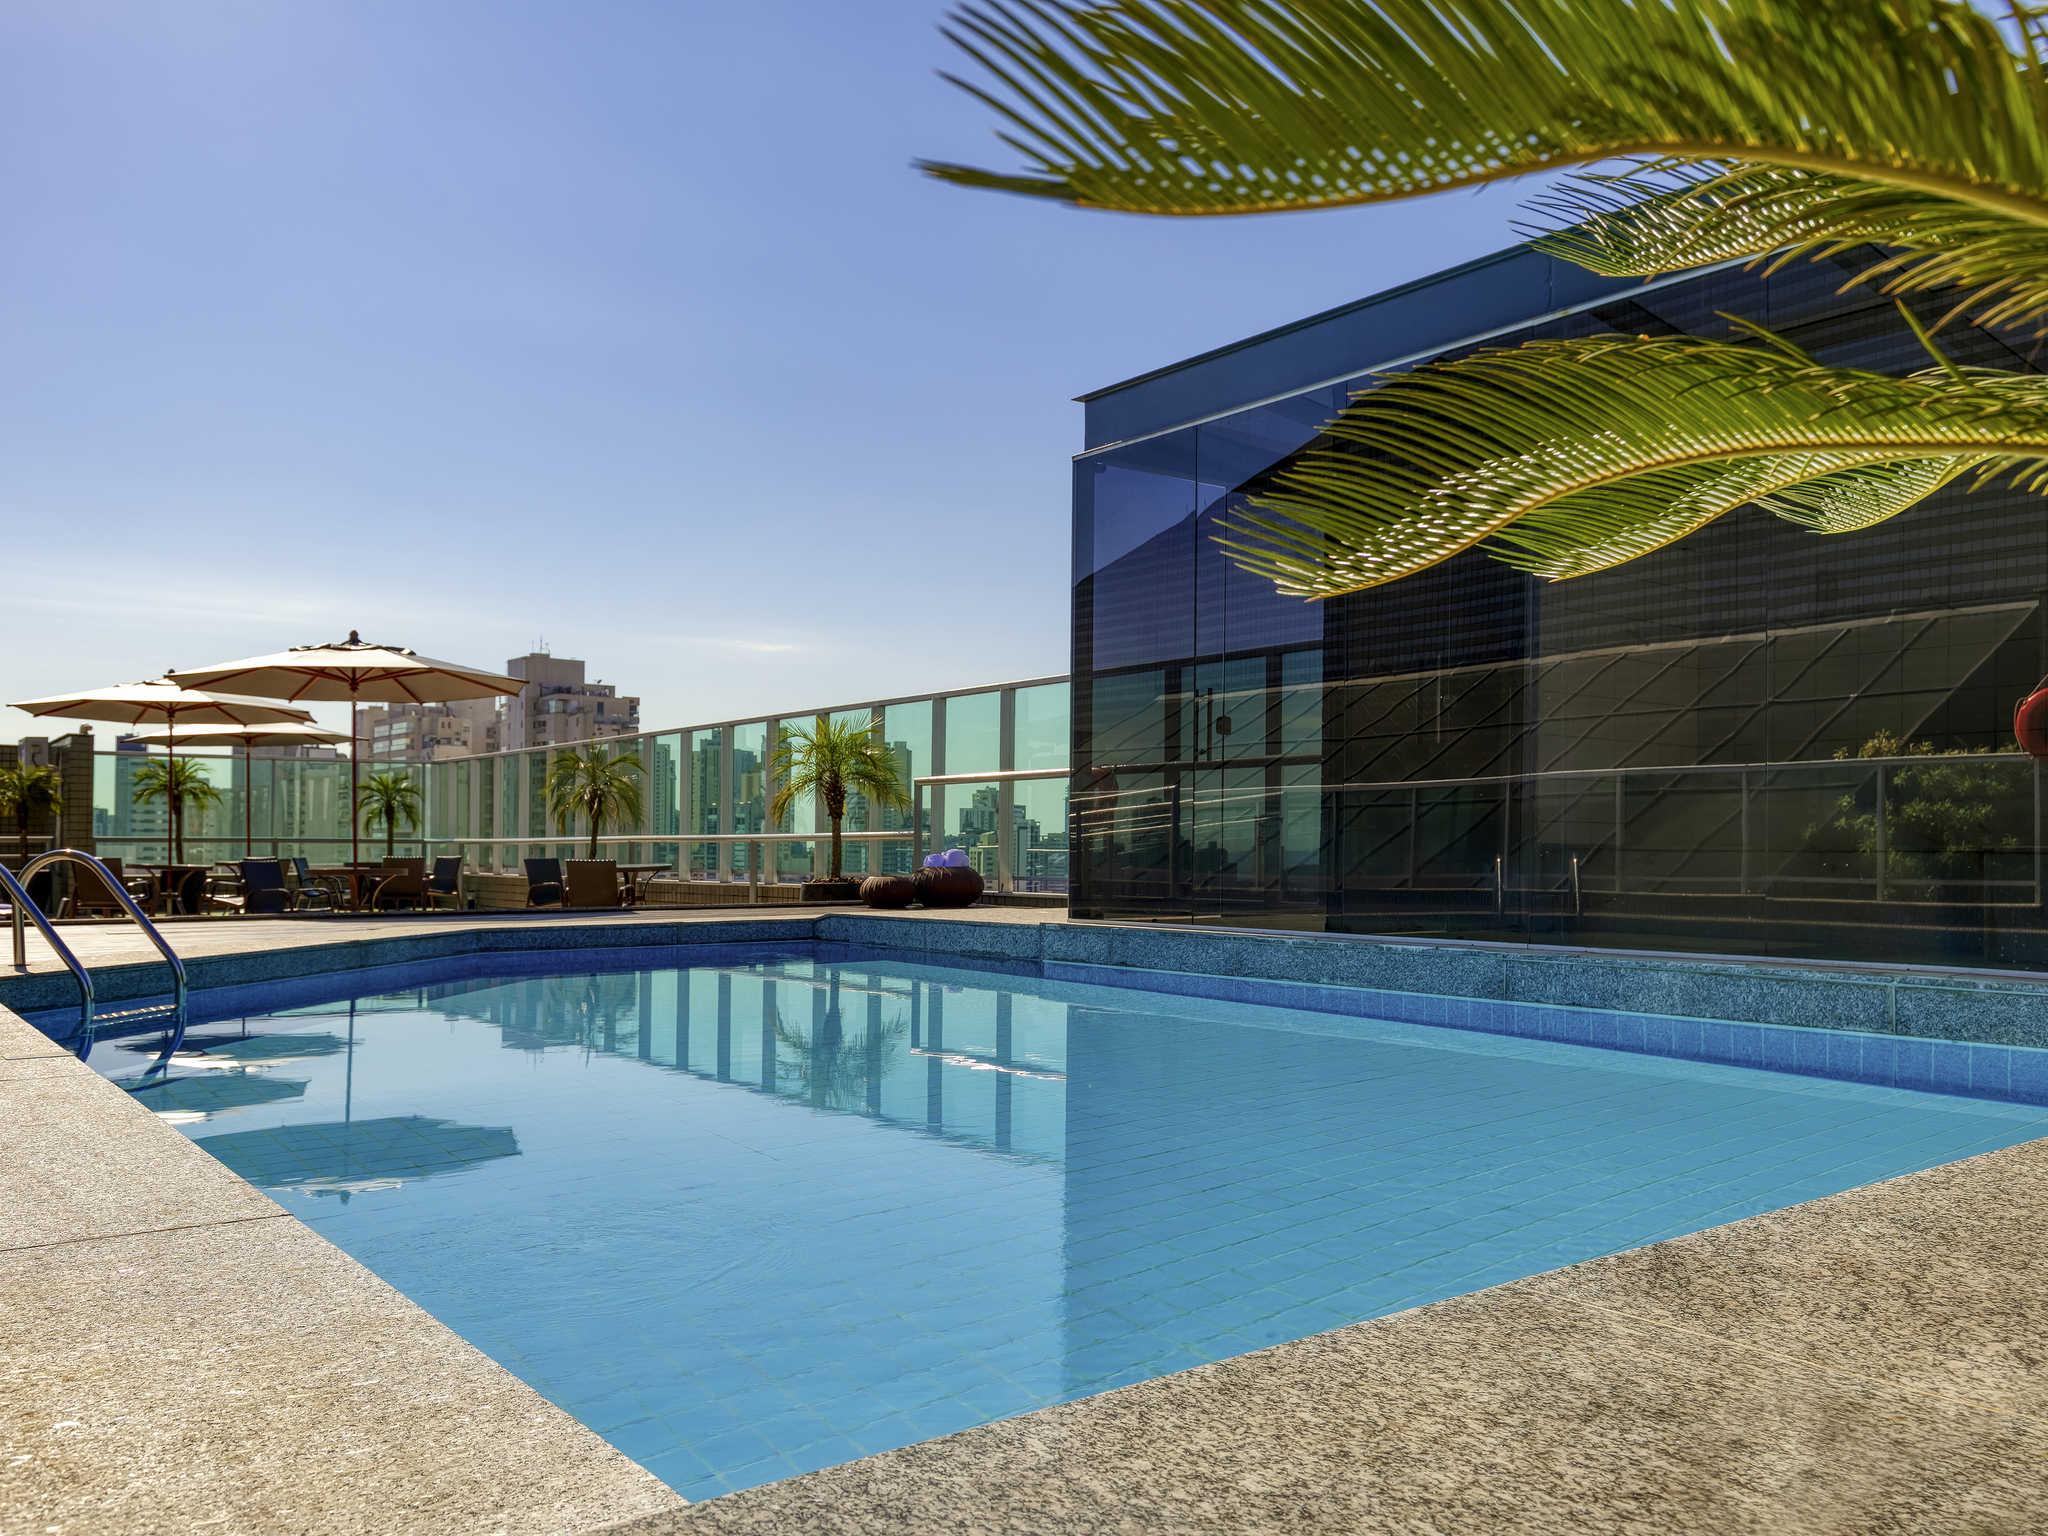 Hotel – Mercure Belo Horizonte Vila da Serra Hotel